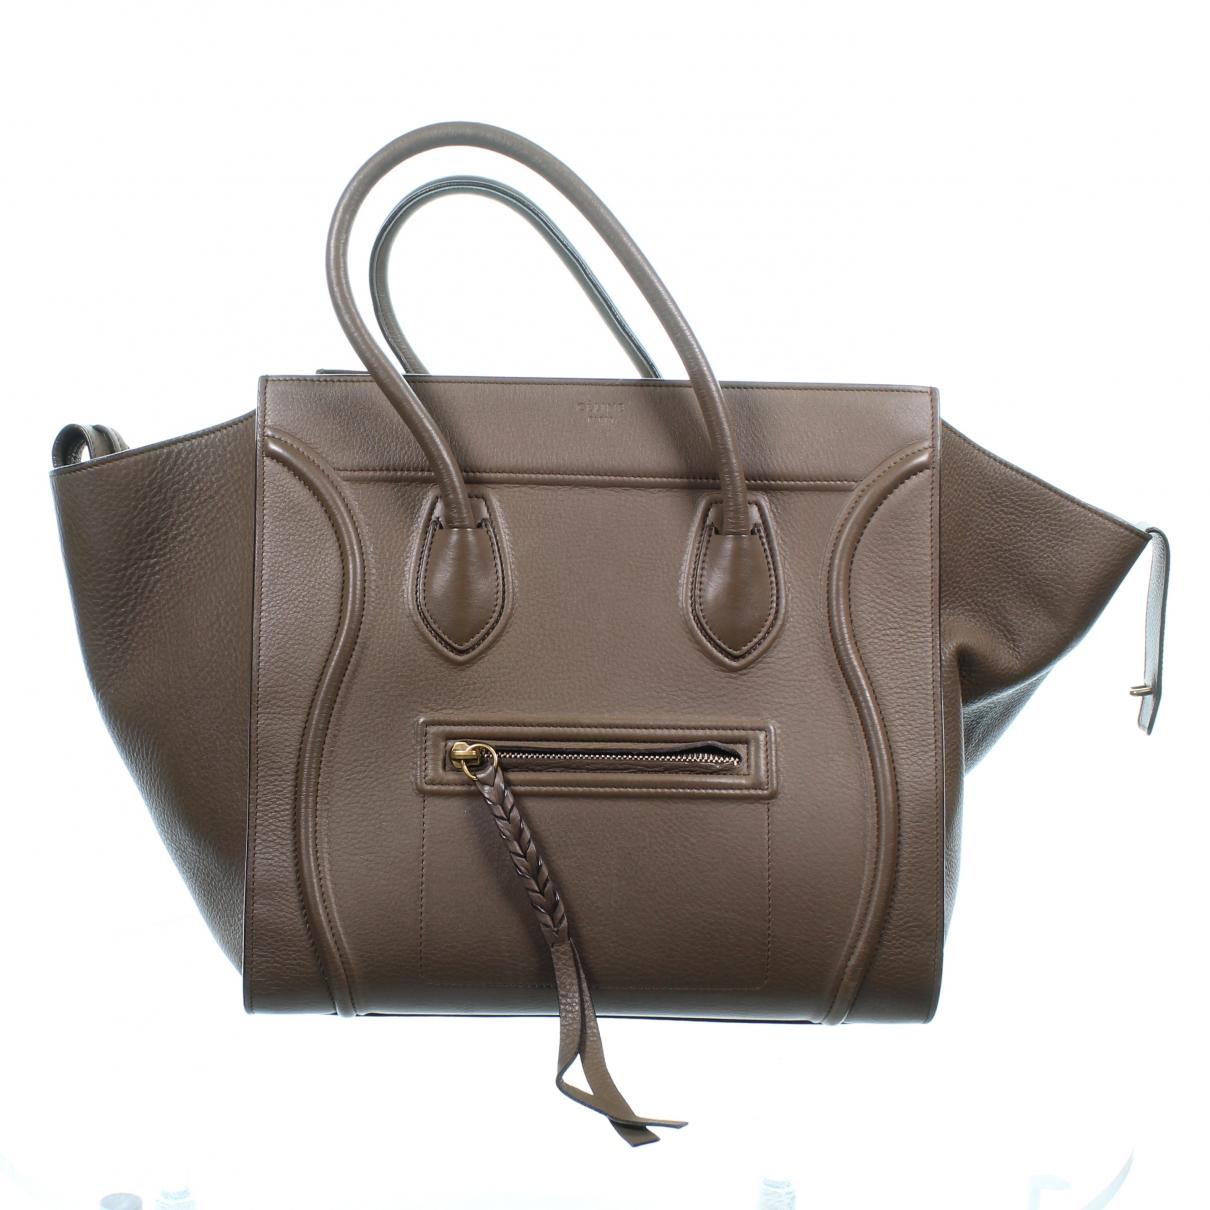 Celine Luggage Phantom Handtasche in  Khaki Leder